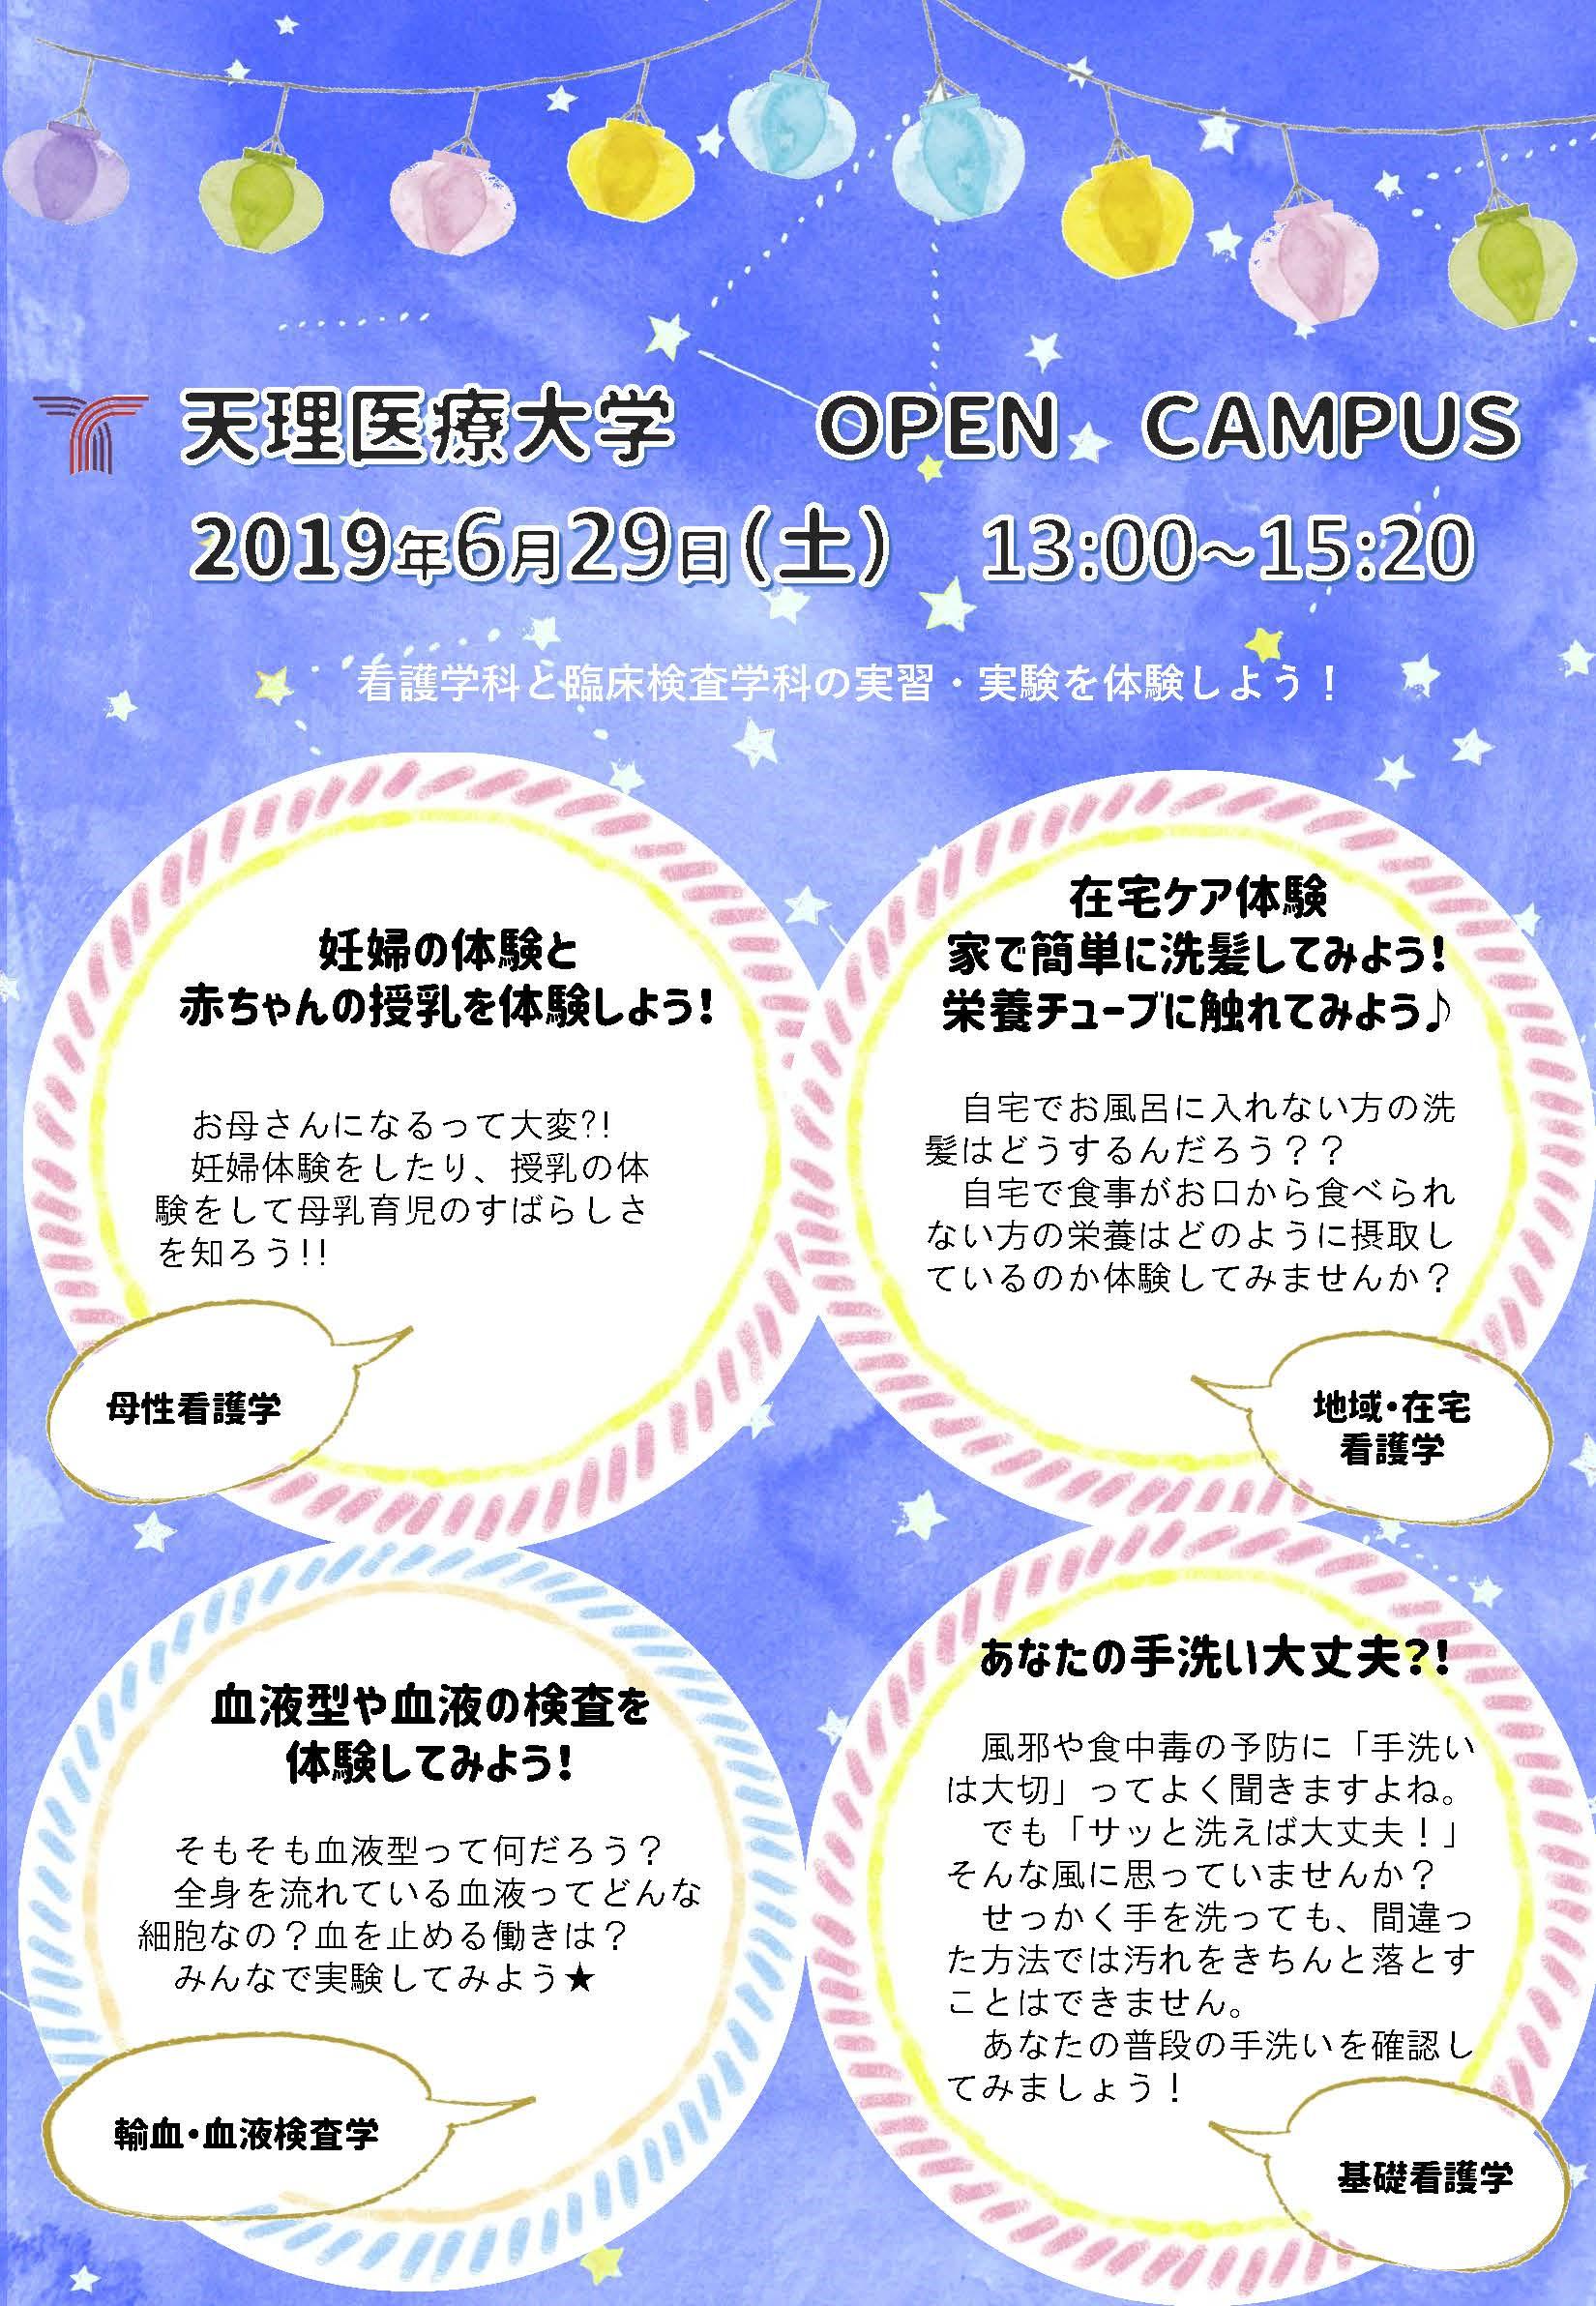 2019年度第2回目のオープンキャンパス体験学習の内容が決定しました!